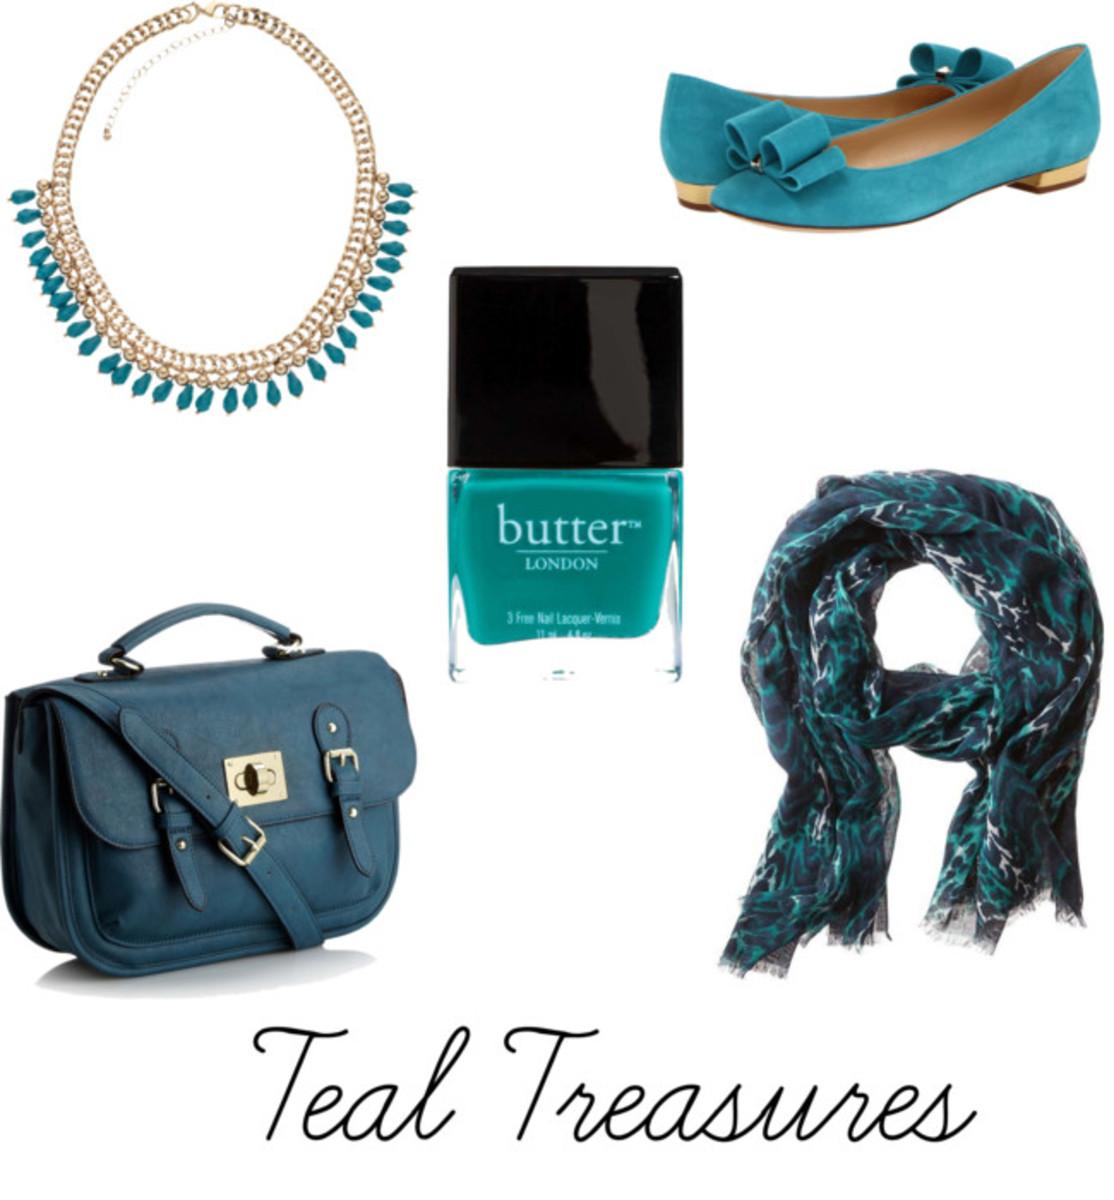 Teal Treasures